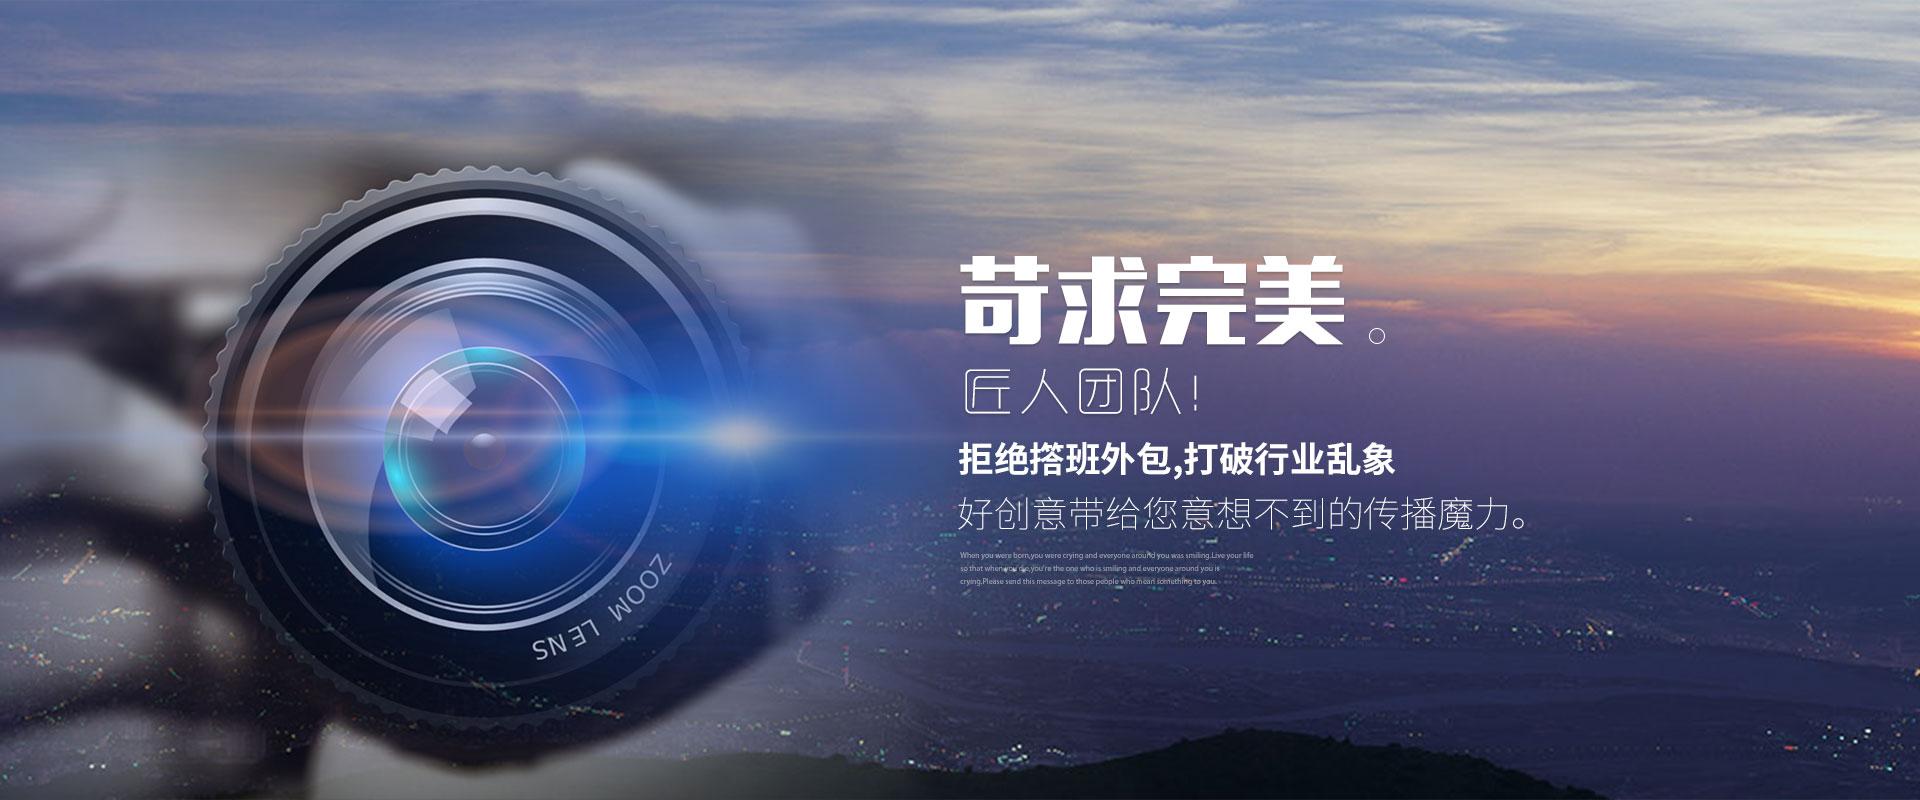 重庆活动摄像